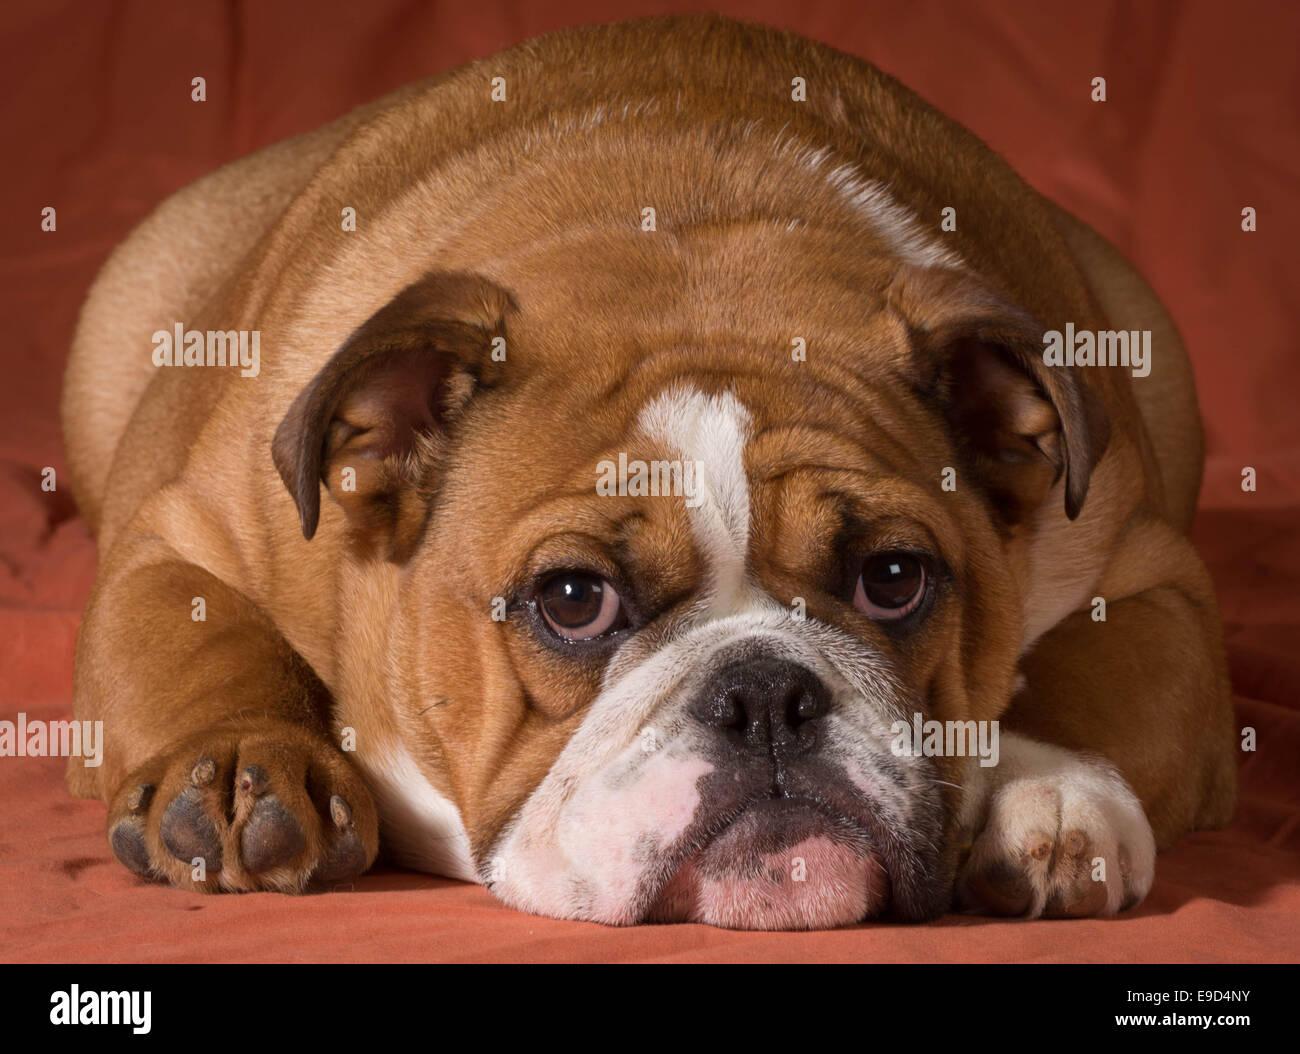 English Bulldog Puppy Laying Down Stock Photos English Bulldog